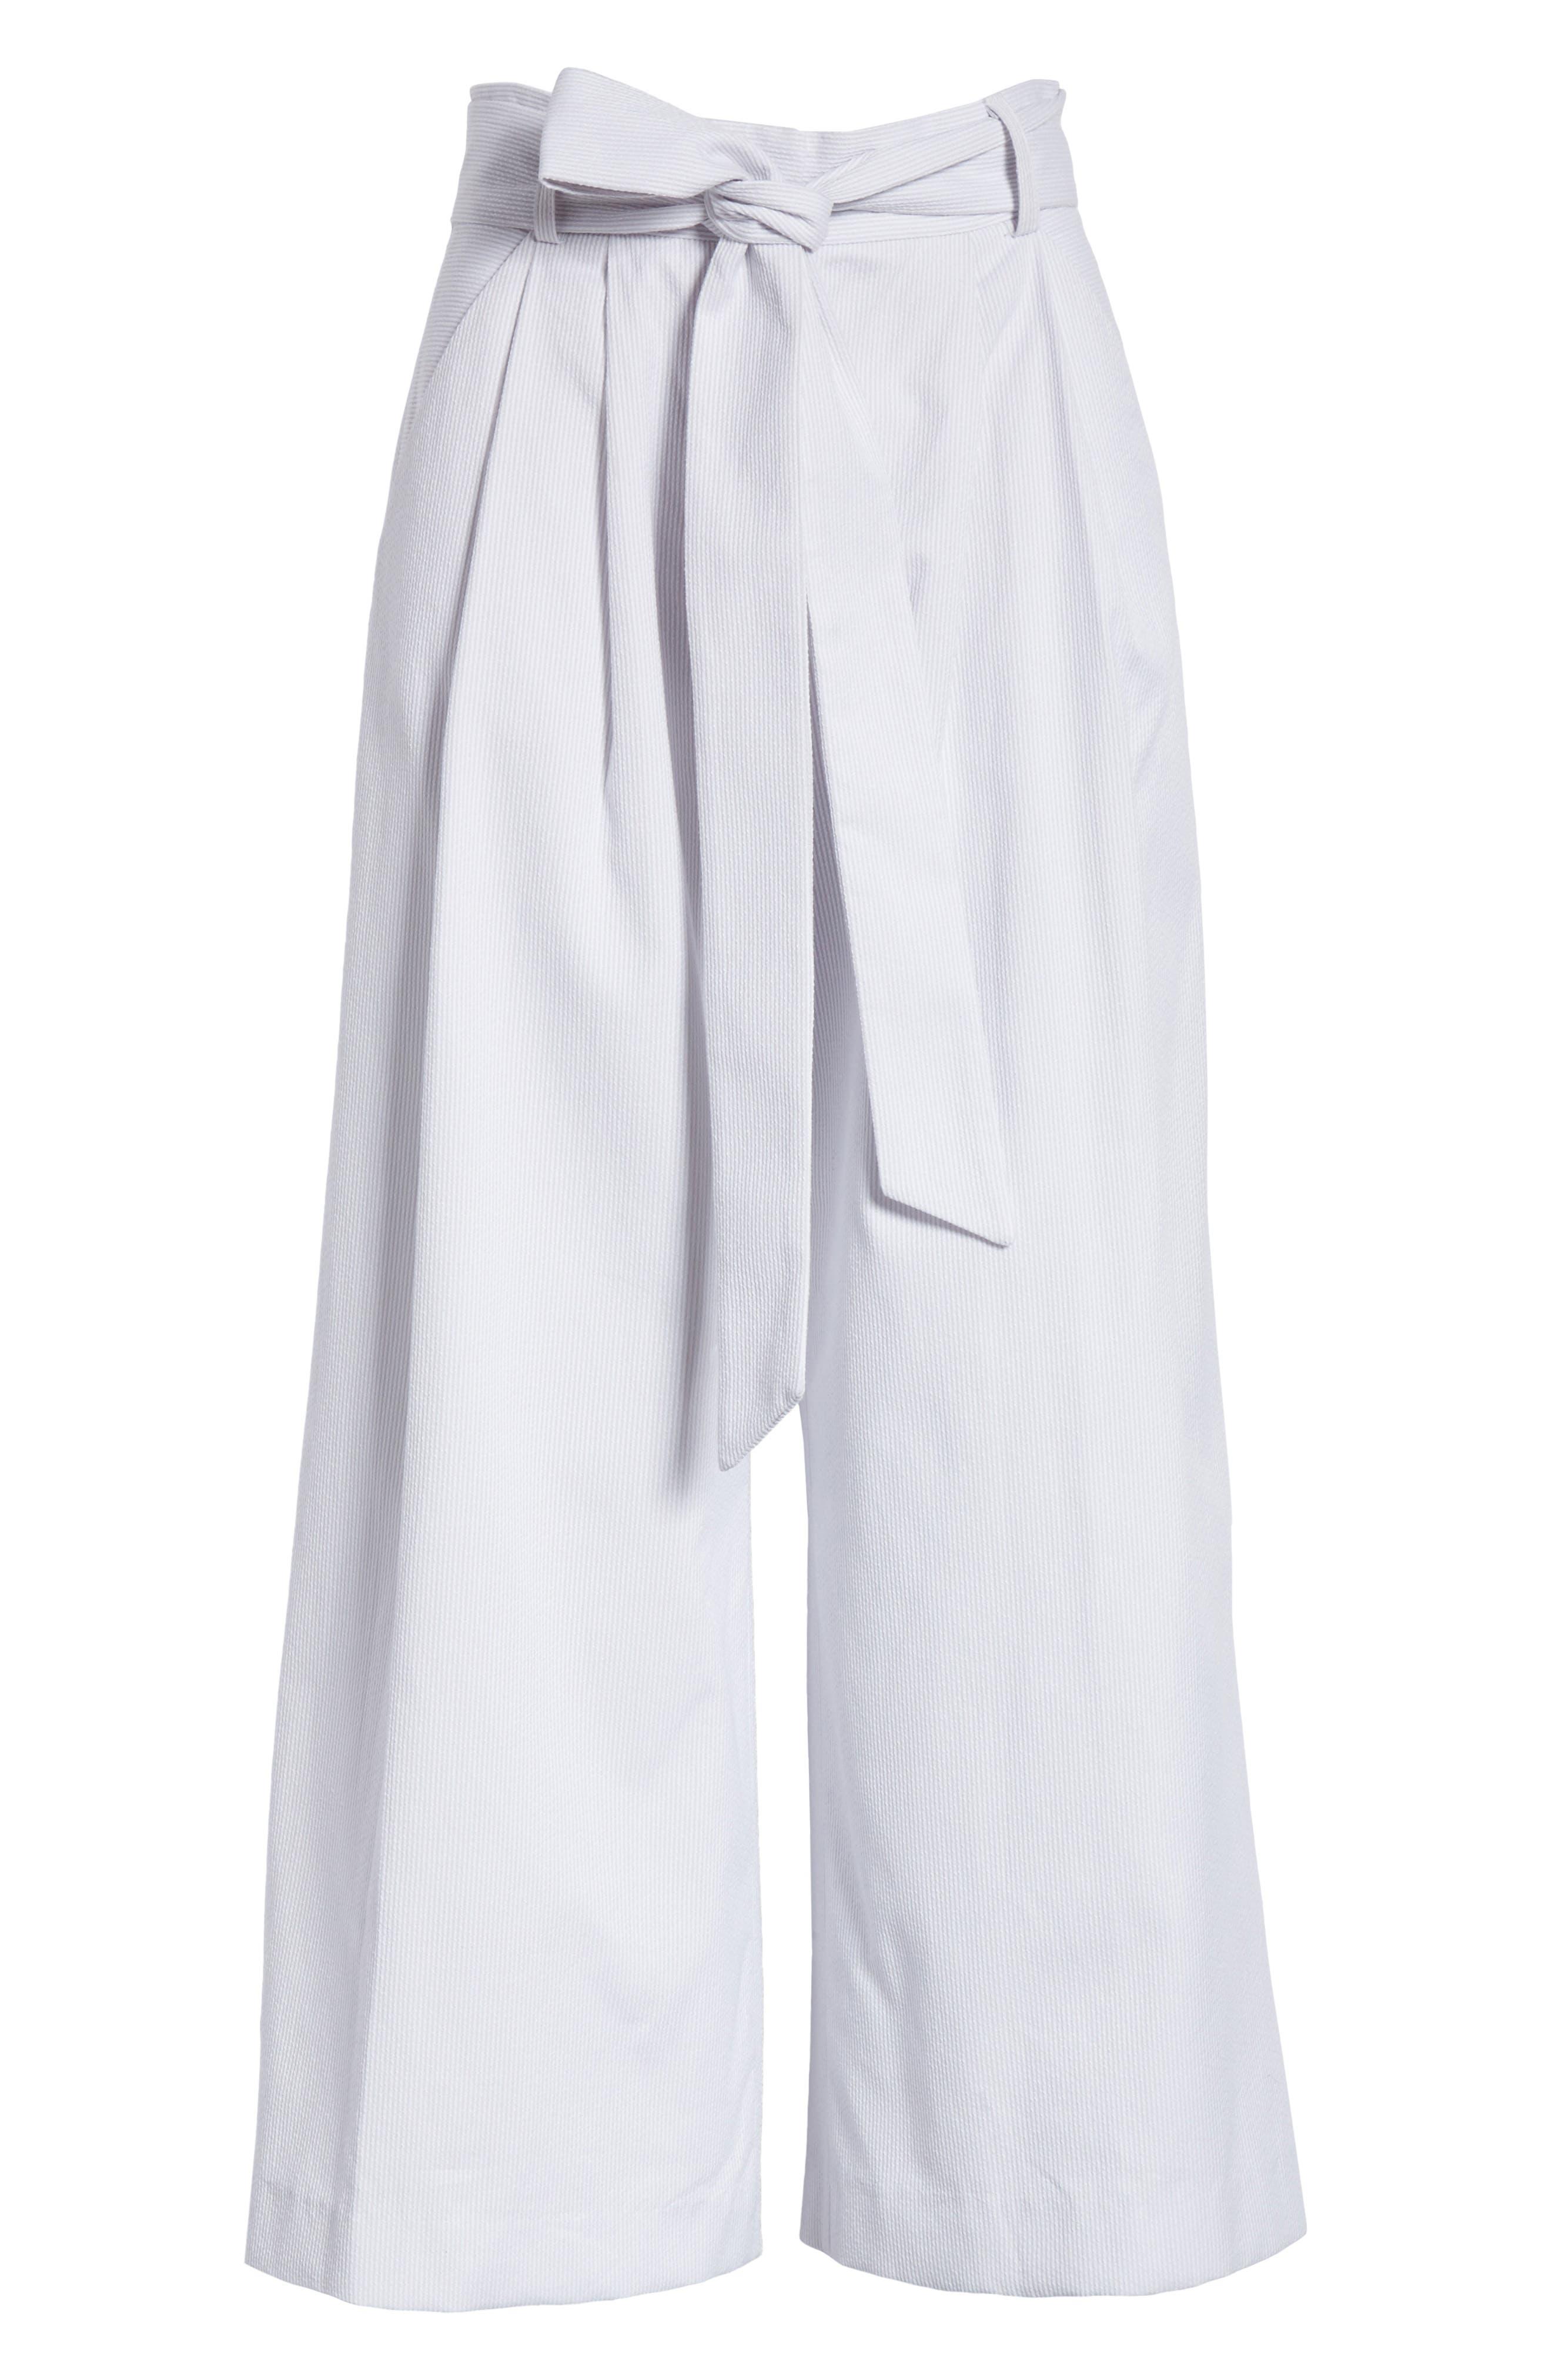 Natalie Crop Tie Waist Pants,                             Alternate thumbnail 6, color,                             020